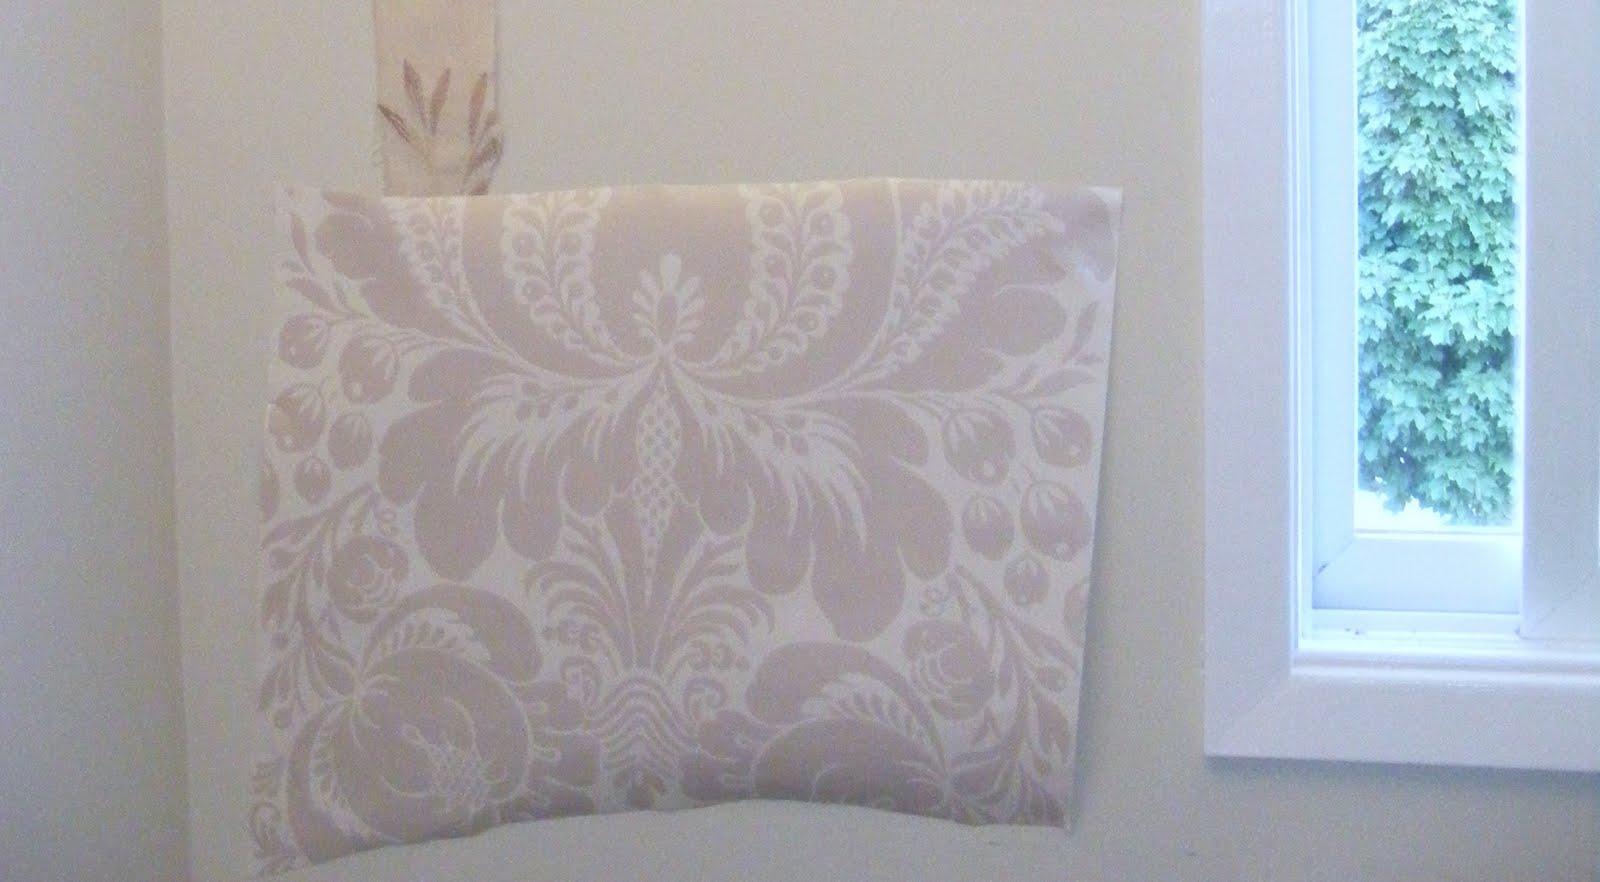 http://3.bp.blogspot.com/-eJQd7_OI4ME/Ti4SCFXmAxI/AAAAAAAAAO8/WnxEc4gbGY0/s1600/wallpaper+sample+2.JPG